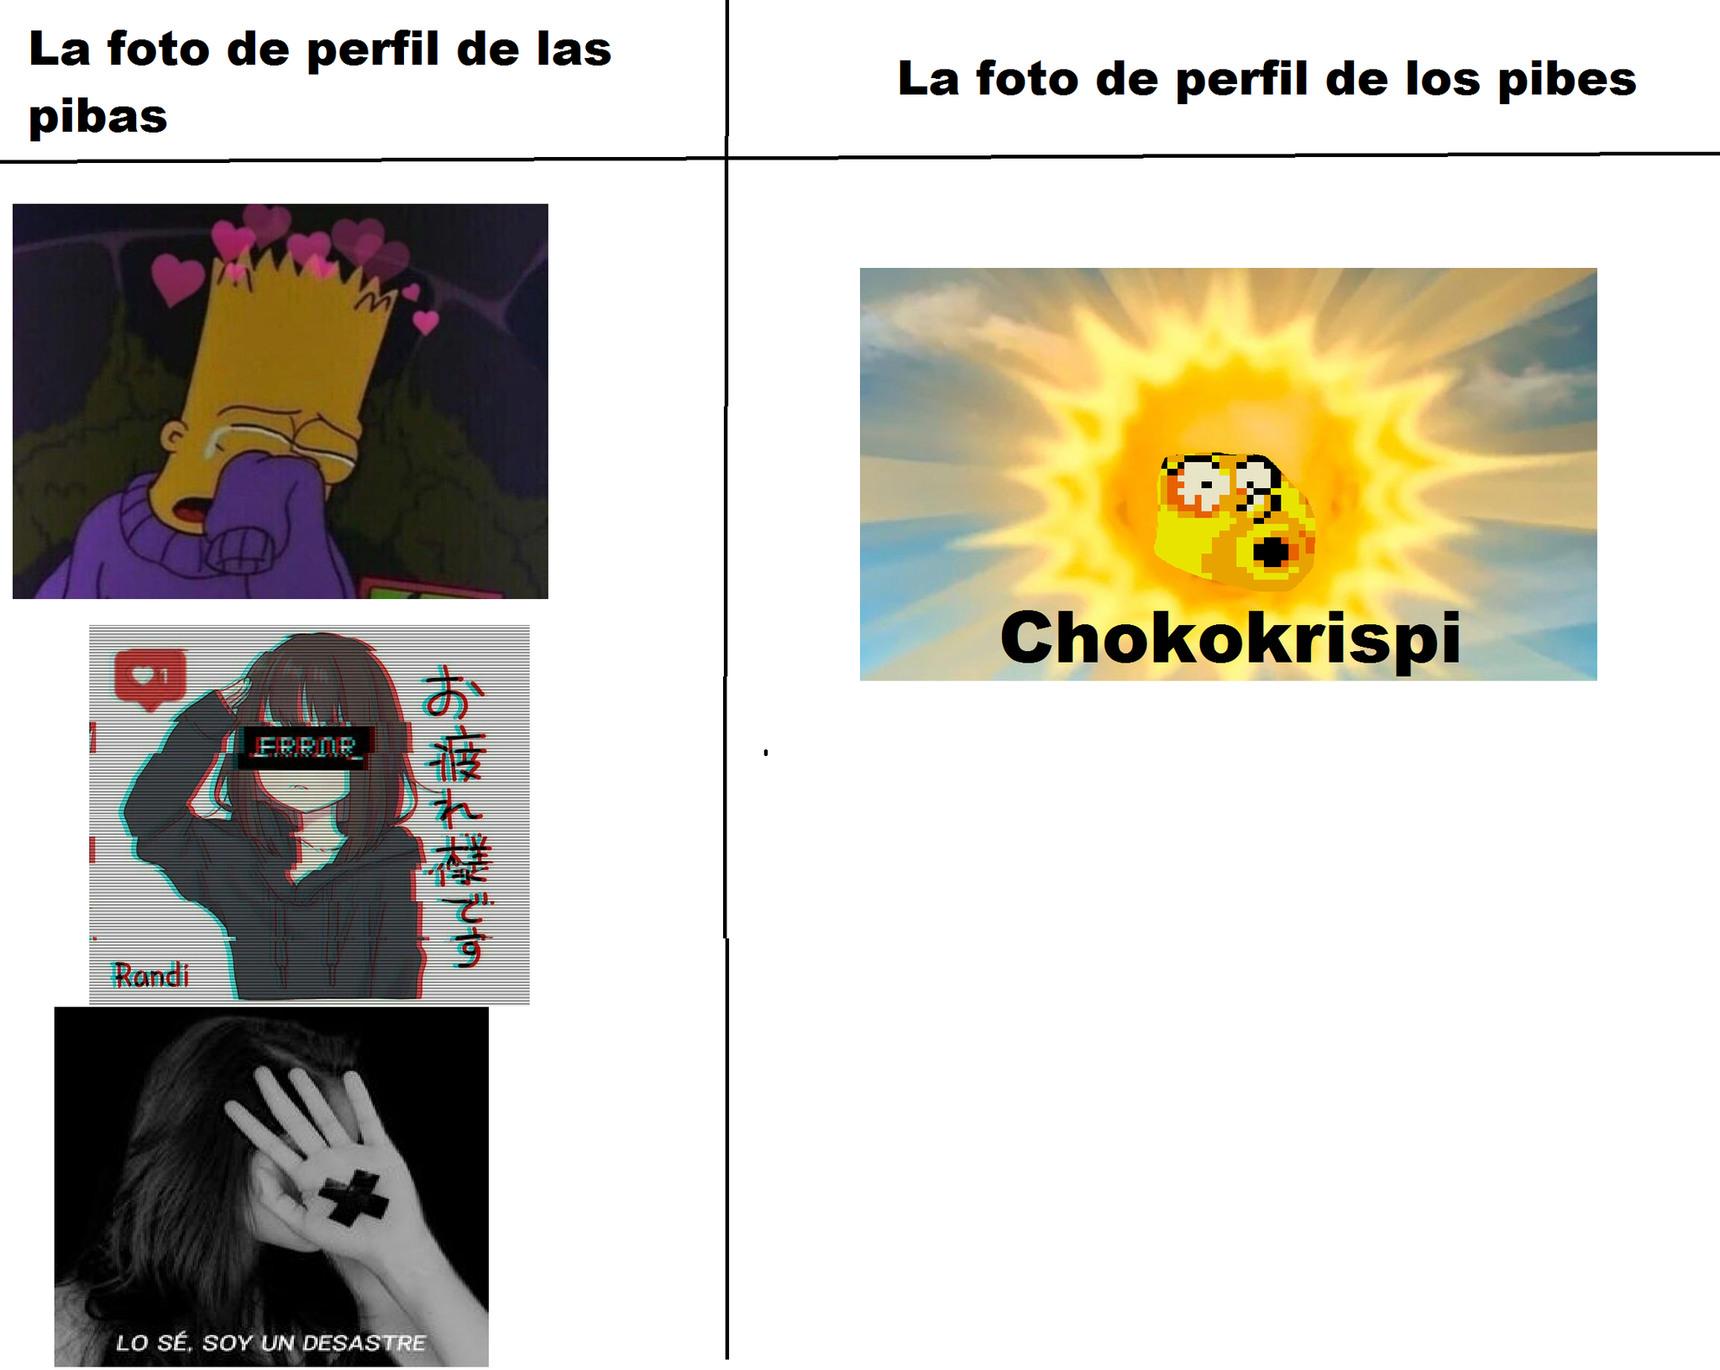 Chokokrispi - meme